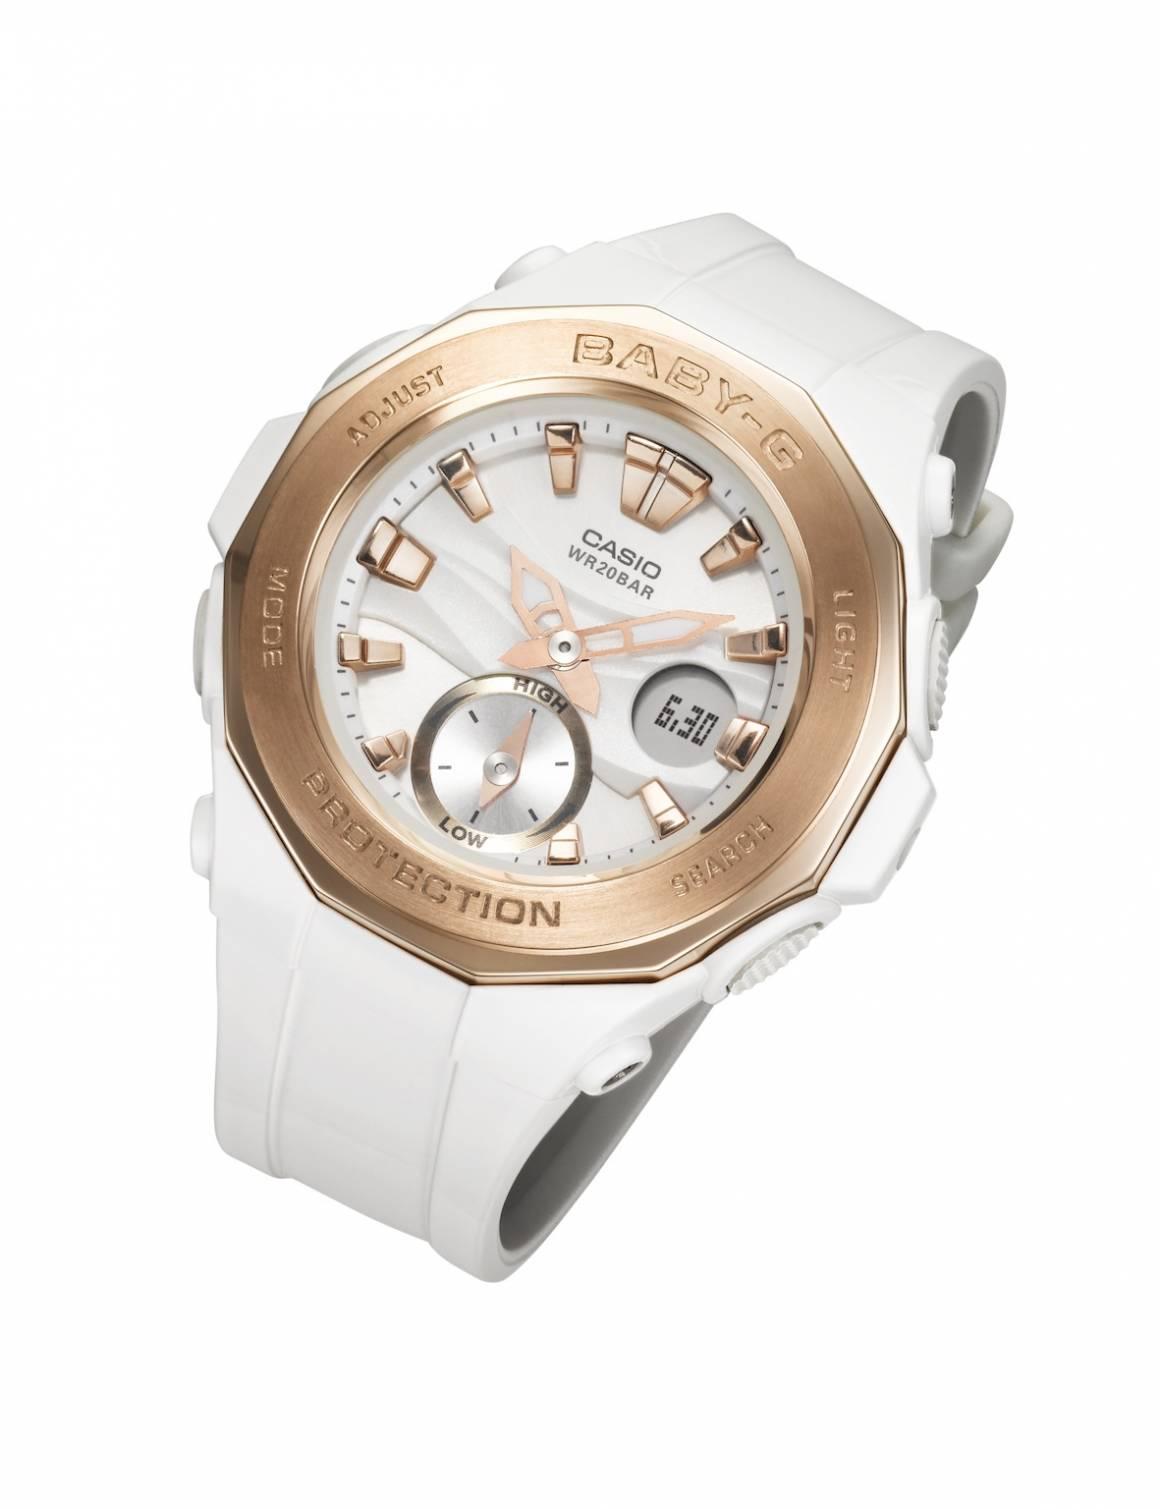 Migliori orologi sportivi di lusso arrivano i Casio BABY G 1160x1509 - Migliori orologi sportivi di lusso: arrivano i Casio BABY-G